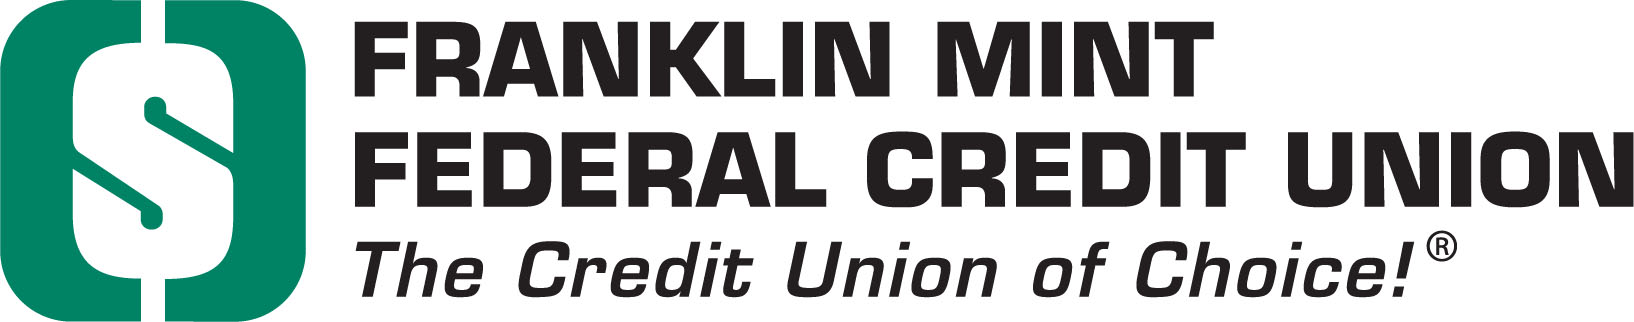 Franklin Mint Federal Credit Union logo